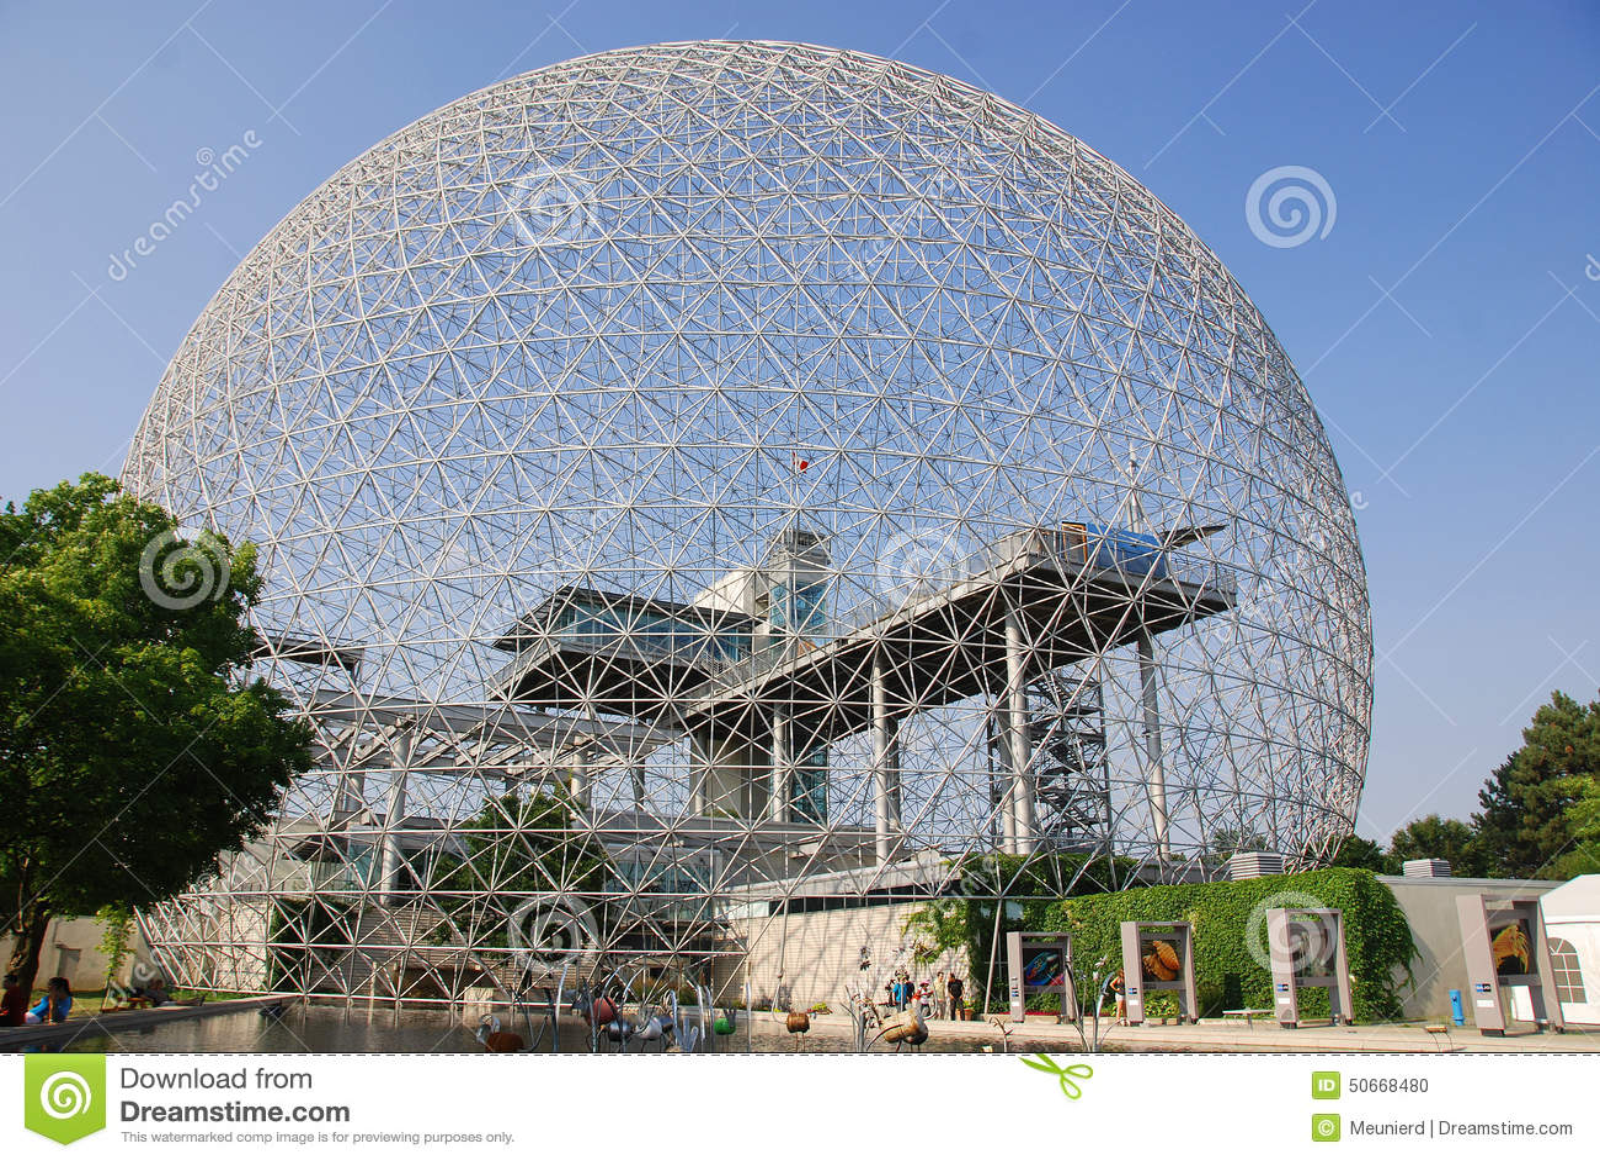 Geodätische Kuppel die geodätische kuppel redaktionelles bild bild biosphäre